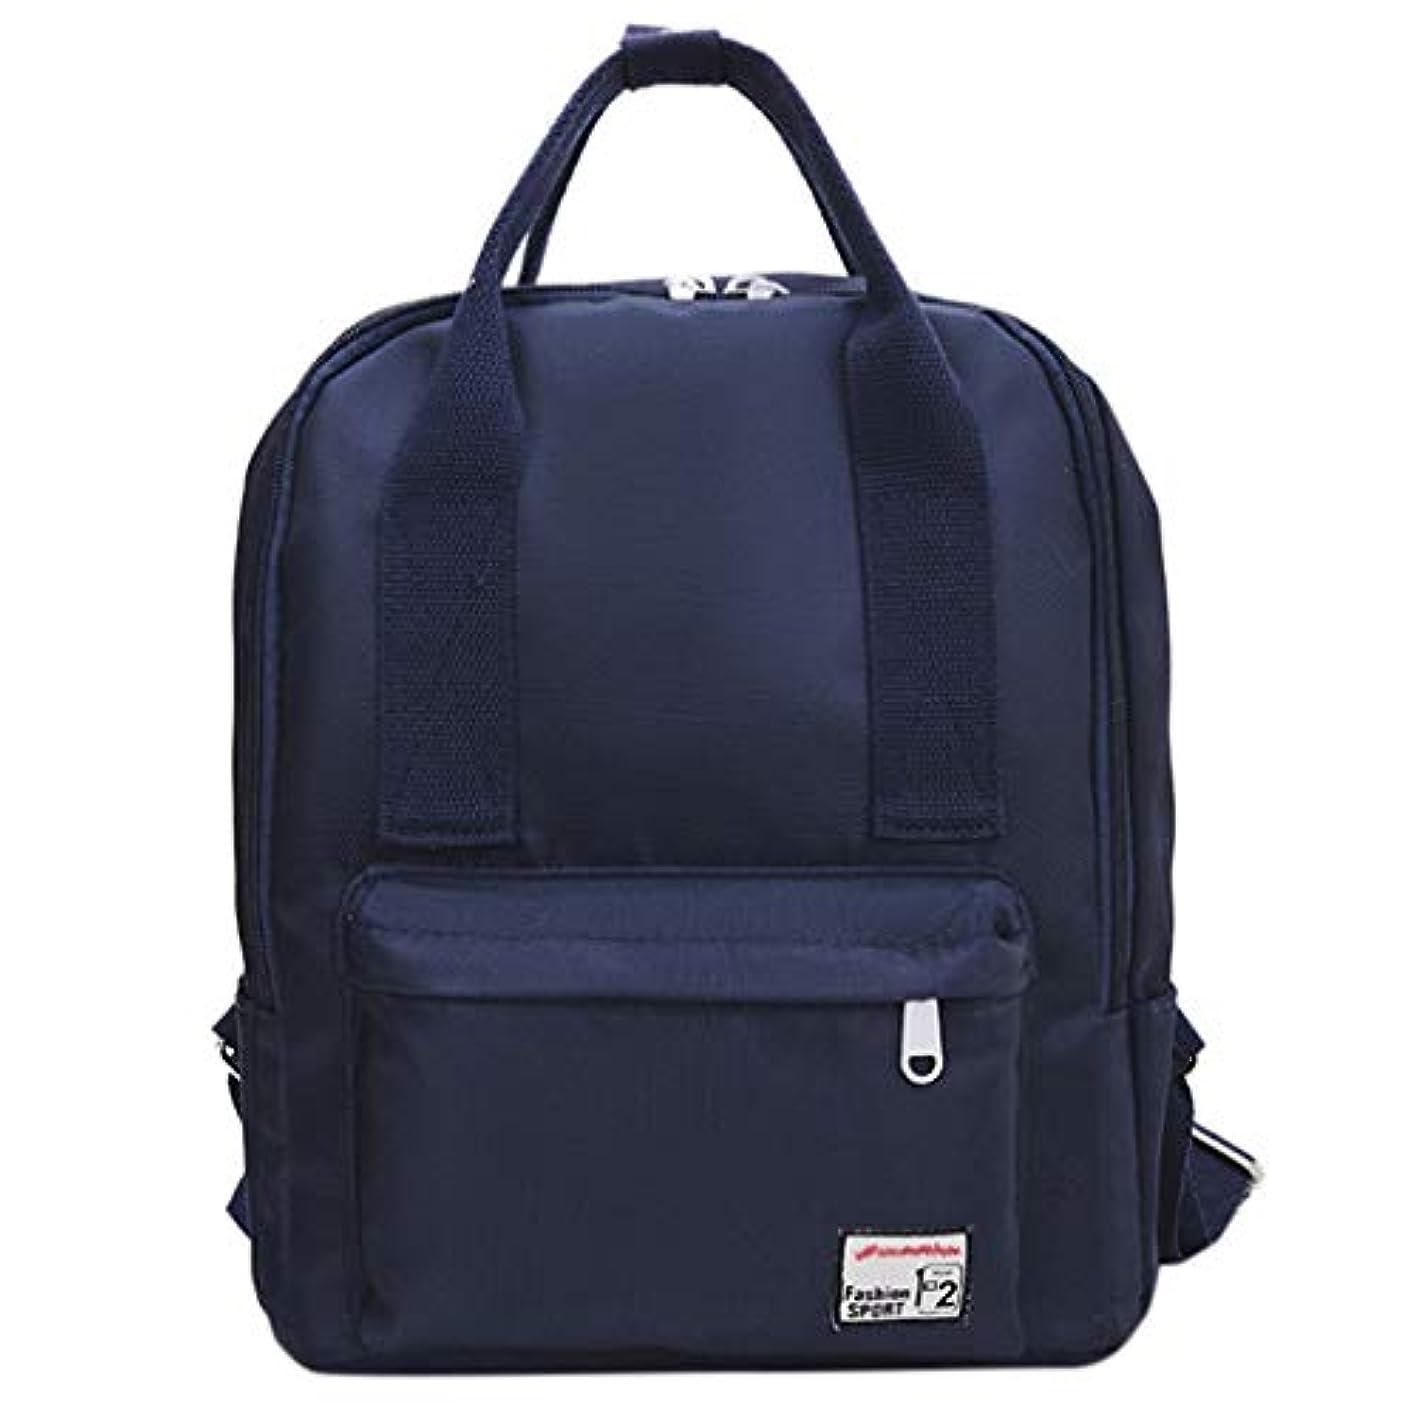 パニックコインランドリー汚す女の子屋外かわいいシンプルなナイロンバックパック、学生襟カラーアートバッグ屋外軽量旅行ポータブル耐久性のあるバックパック